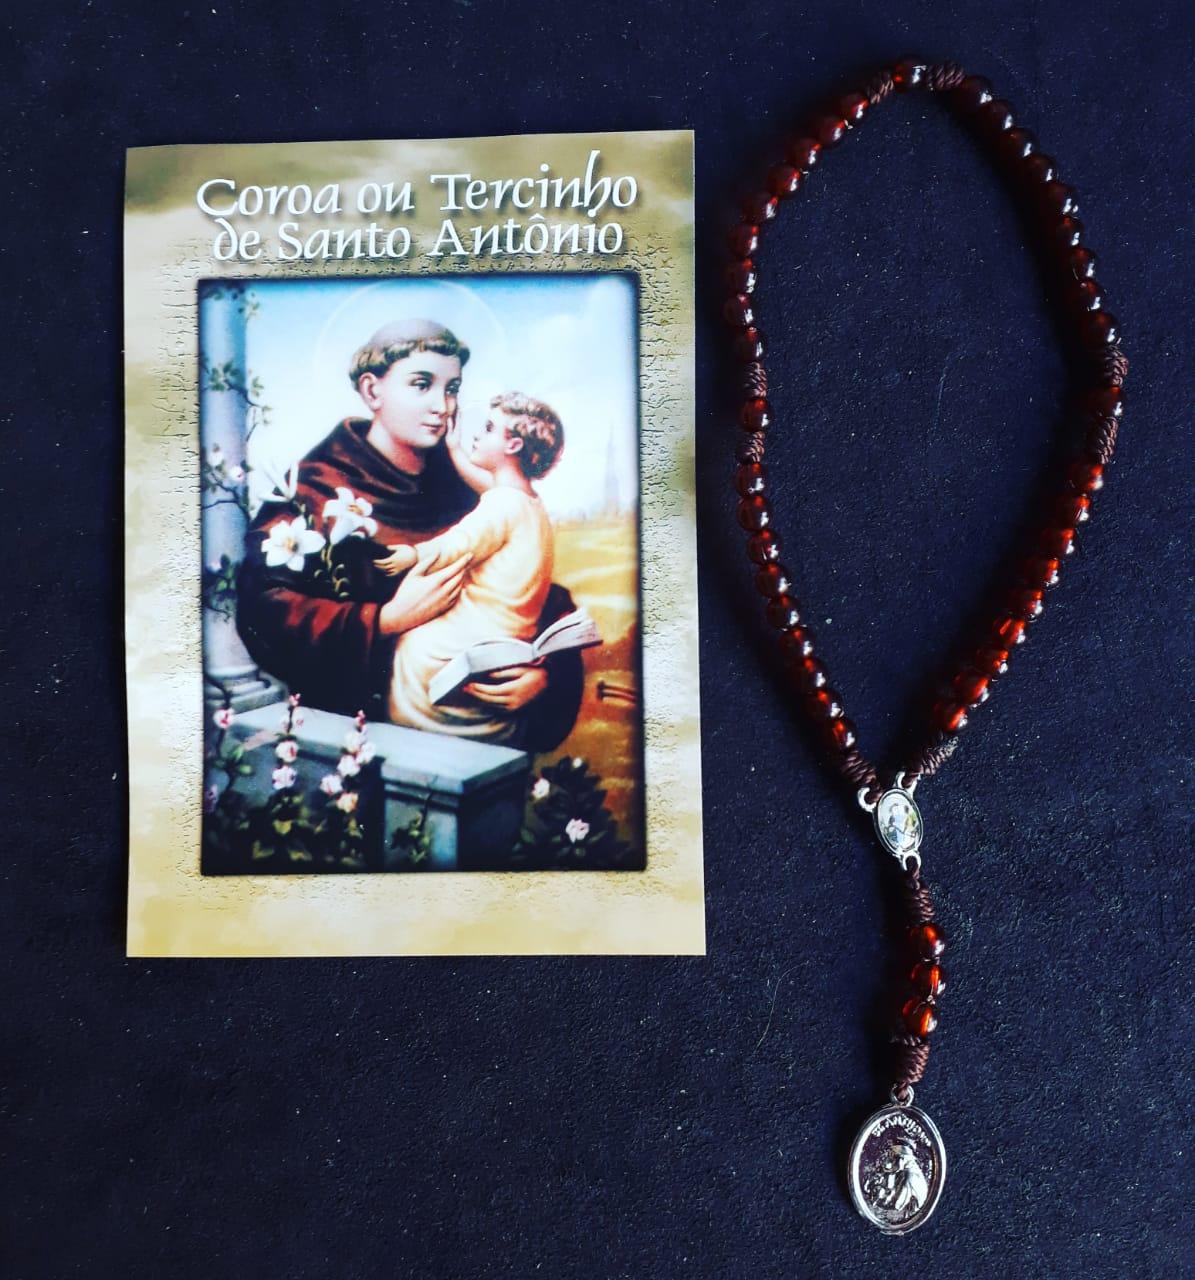 TR26 - Coroa ou Tercinho de Santo Antonio Cordão Plastico 5mm c/ Oração  - VindVedShop - Distribuidora Catolica